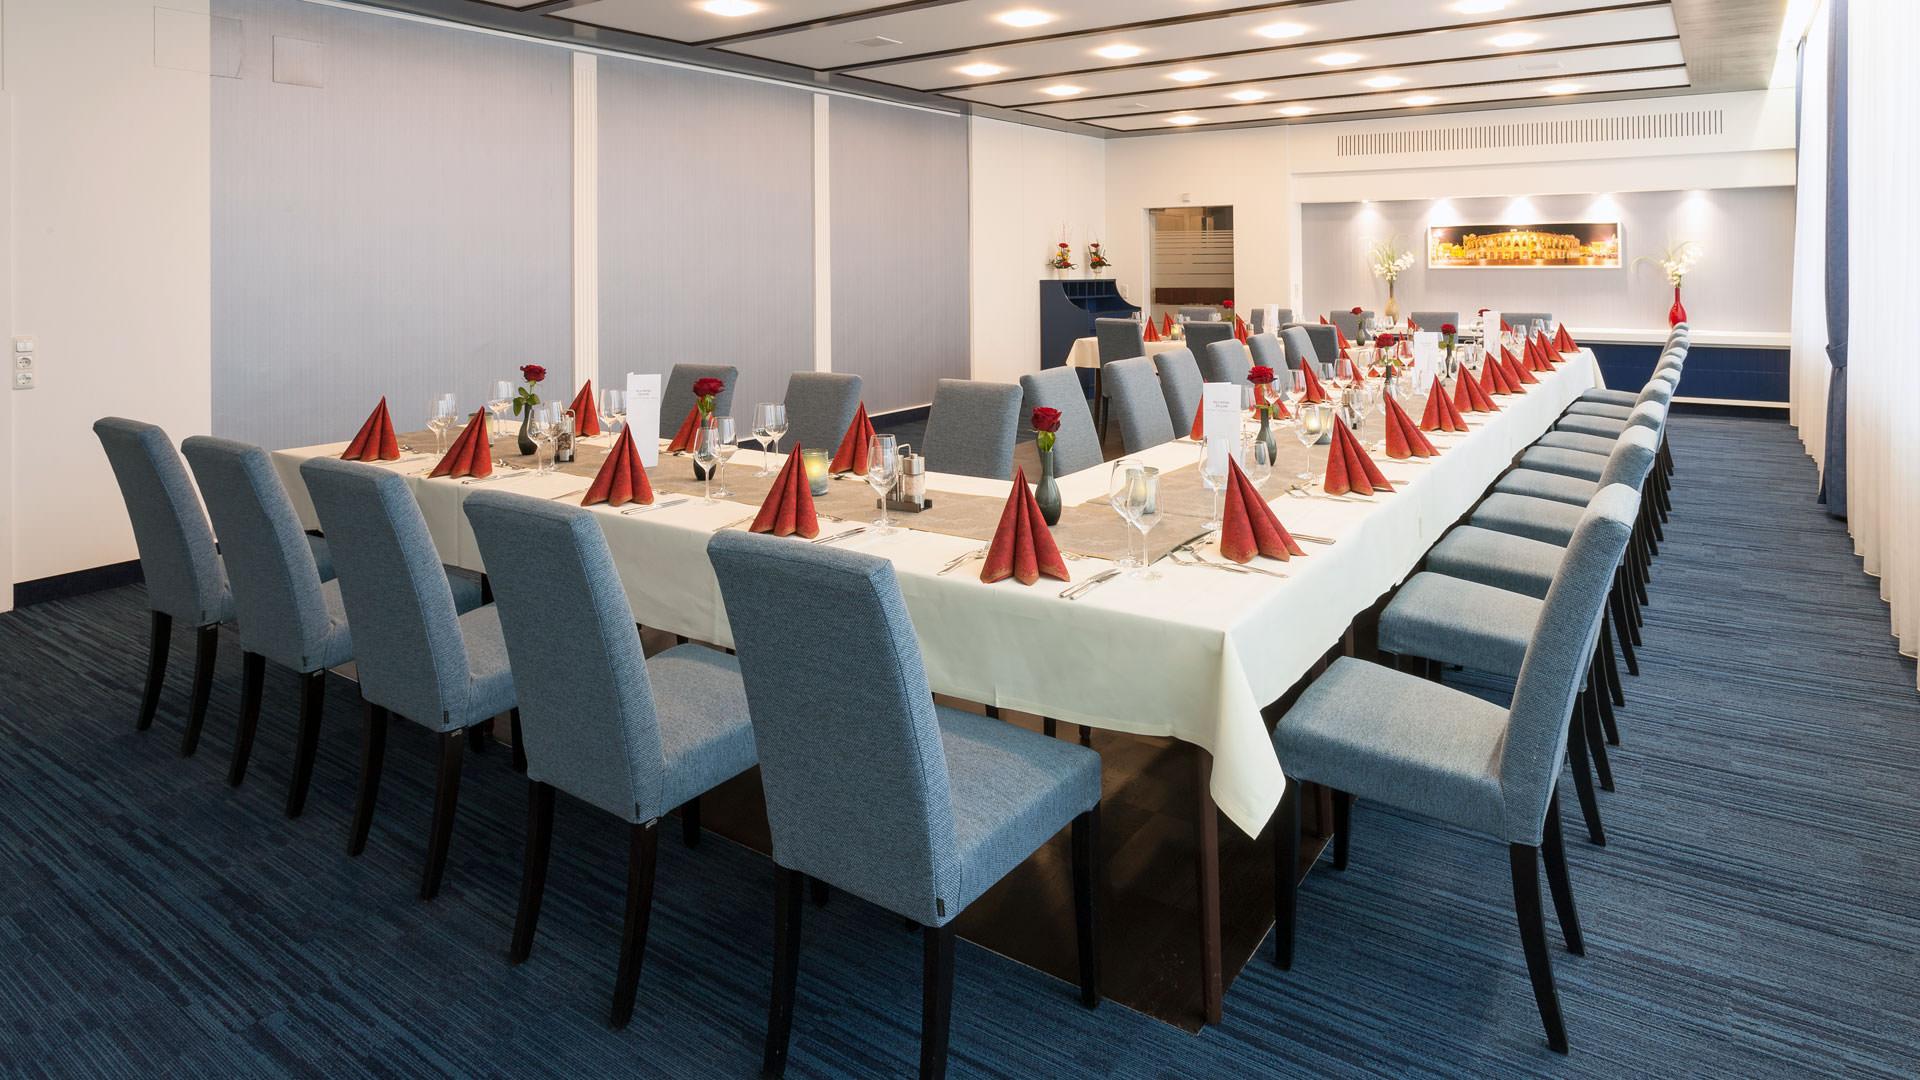 Meetingraum mit Tischen und Stühlen